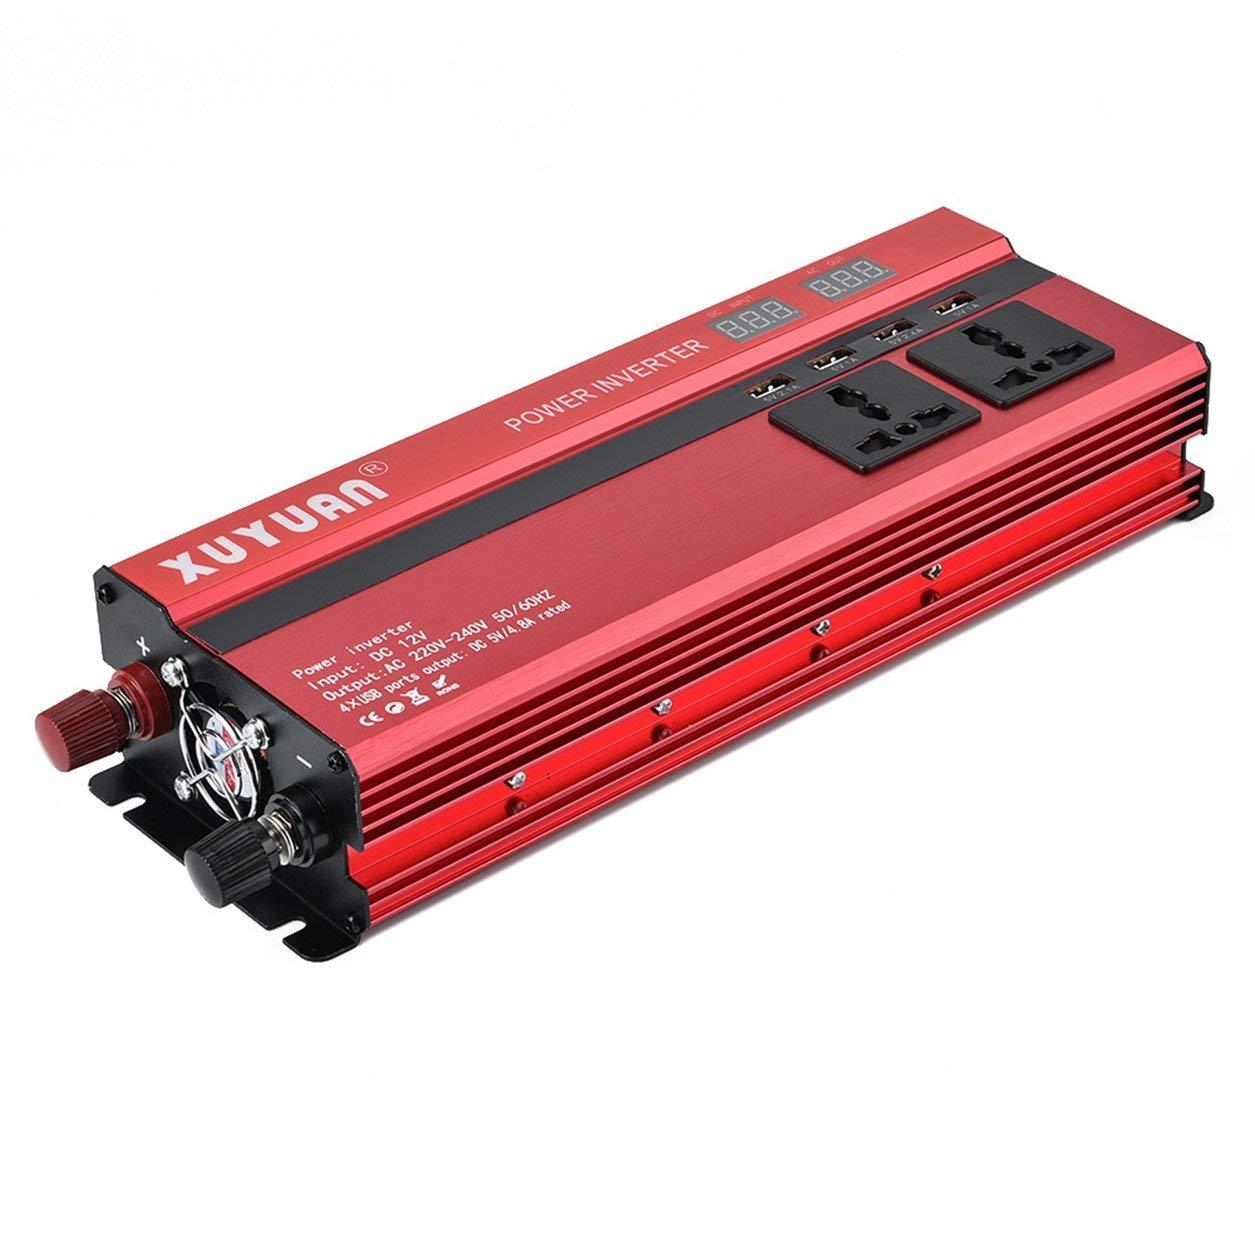 Dailyinshop Auto-Energie-Inverter Xuyuan 2000W mit LED-Anzeigen-Konverter 12V / 24V zu 220V (Farbe: Rot)